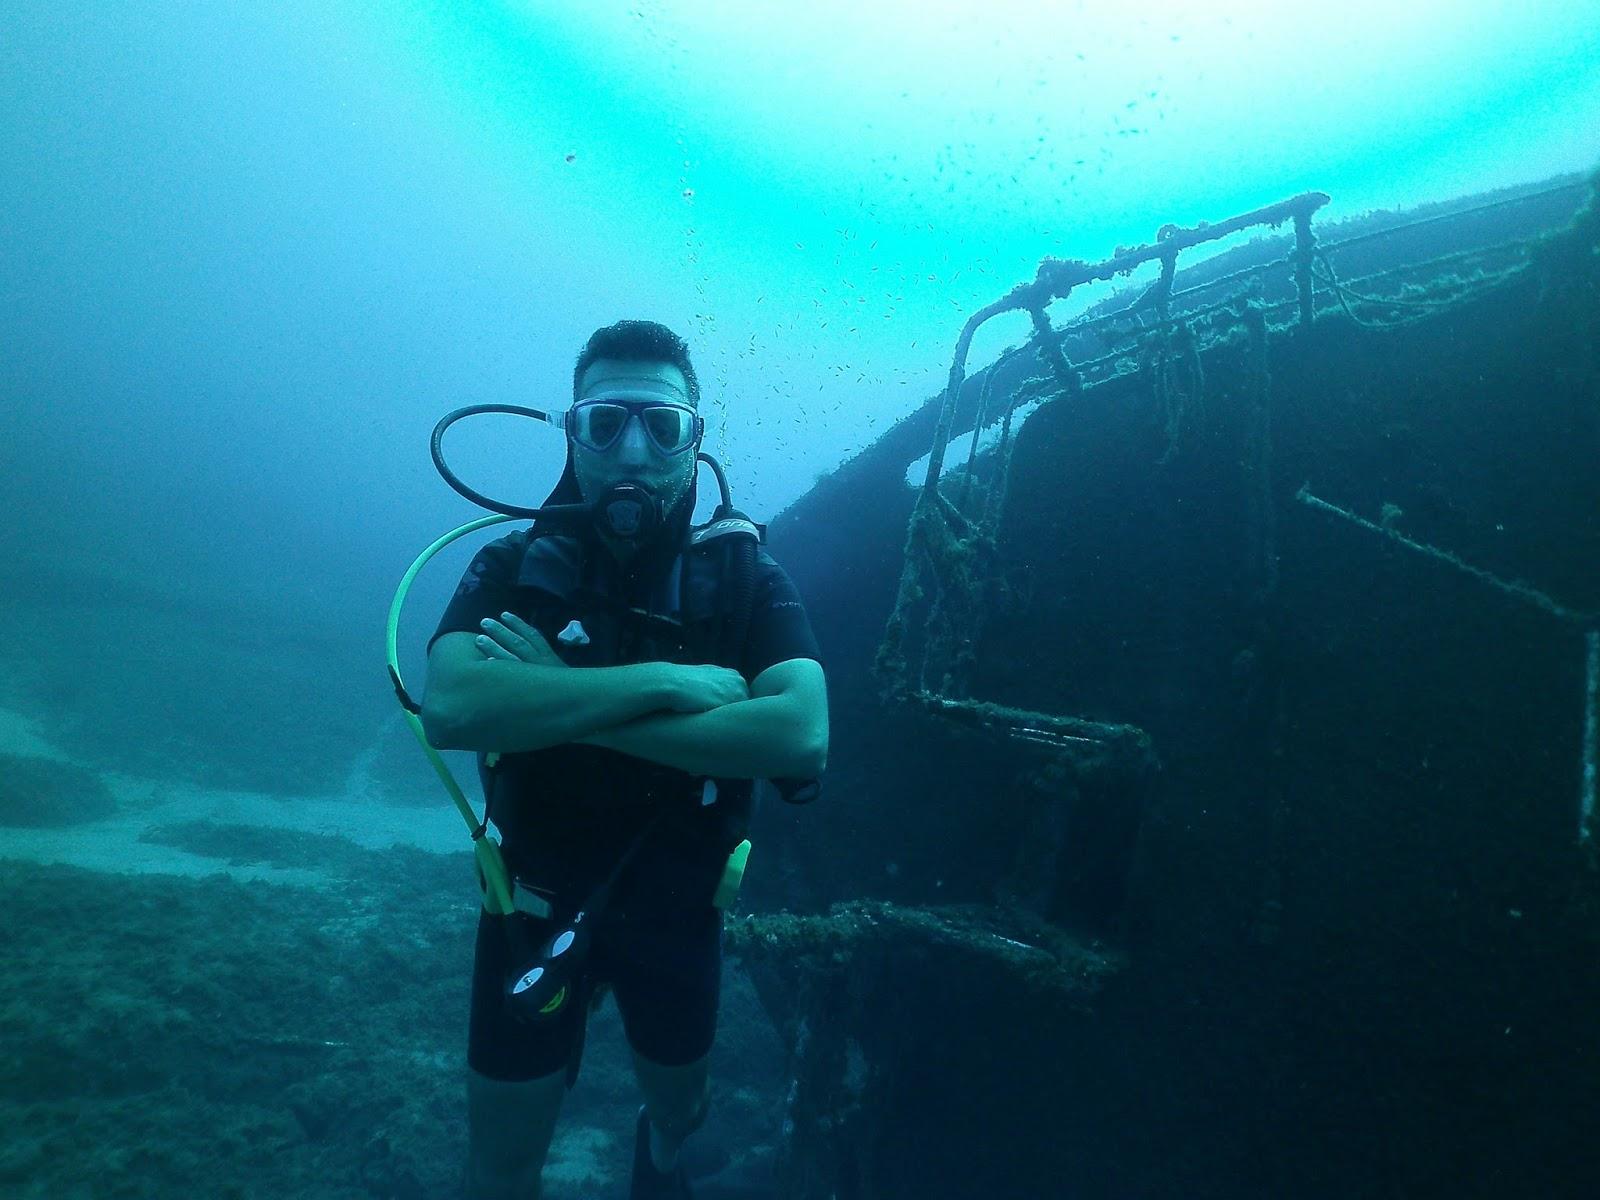 36ea83075f1 Τέλος, αν και τον περασμένο Οκτώβρη είχα την χαρά και την τύχη να πέσω σε  ένα ακόμη μεγαλύτερο ναυάγιο ανοιχτά στο Λευκαντί Ευβοίας, στο κομμένο